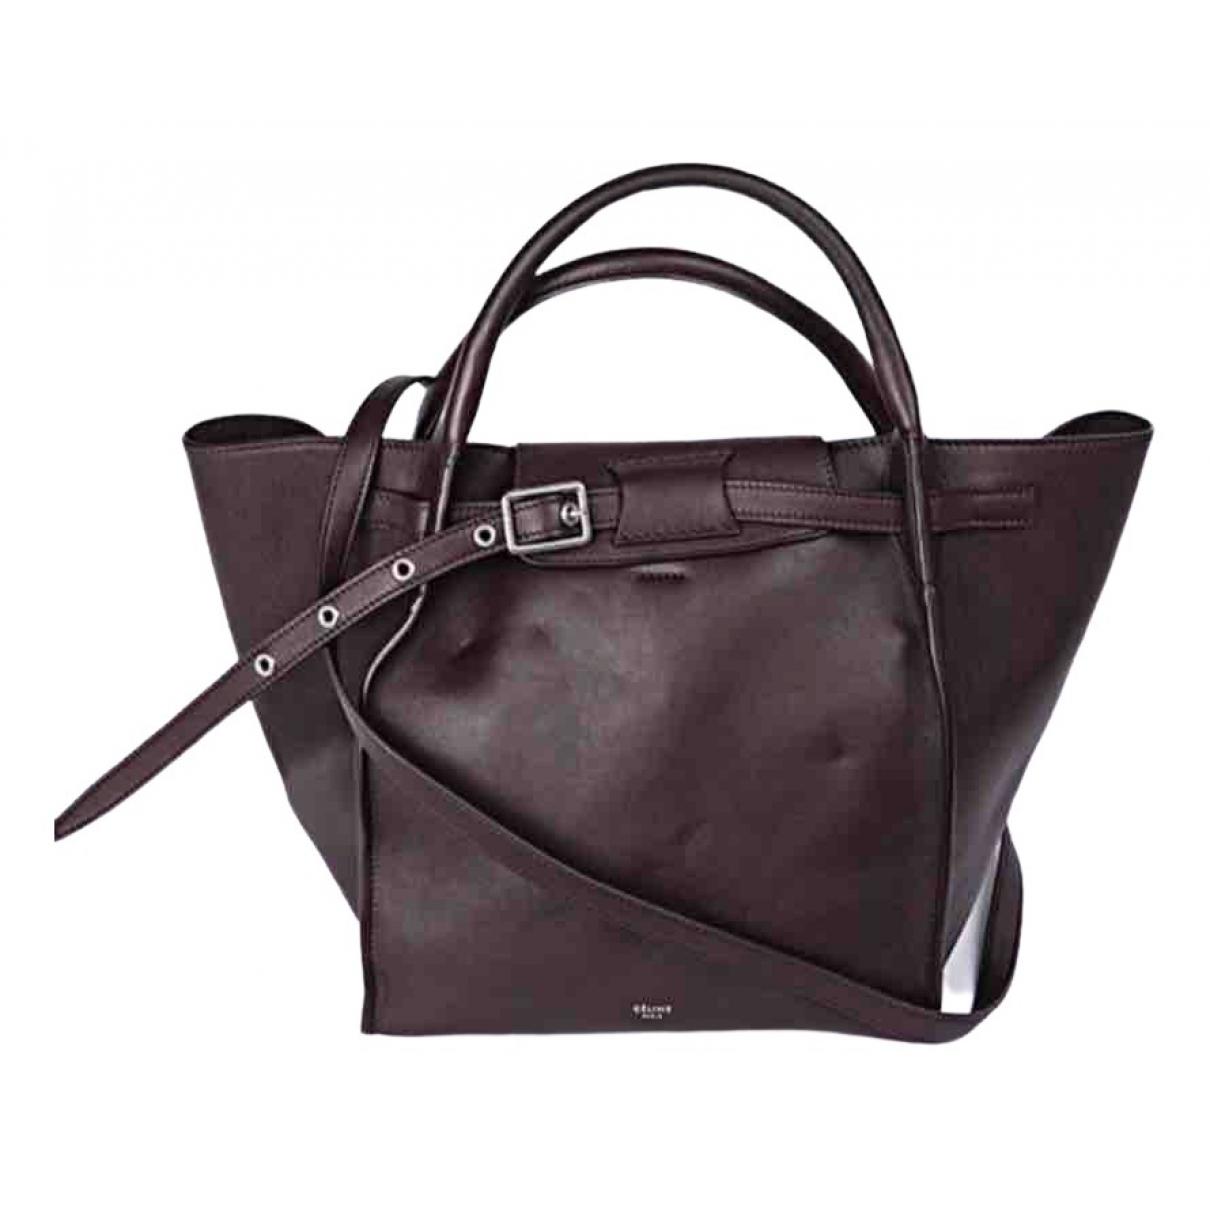 Celine Big Bag Burgundy Leather handbag for Women \N